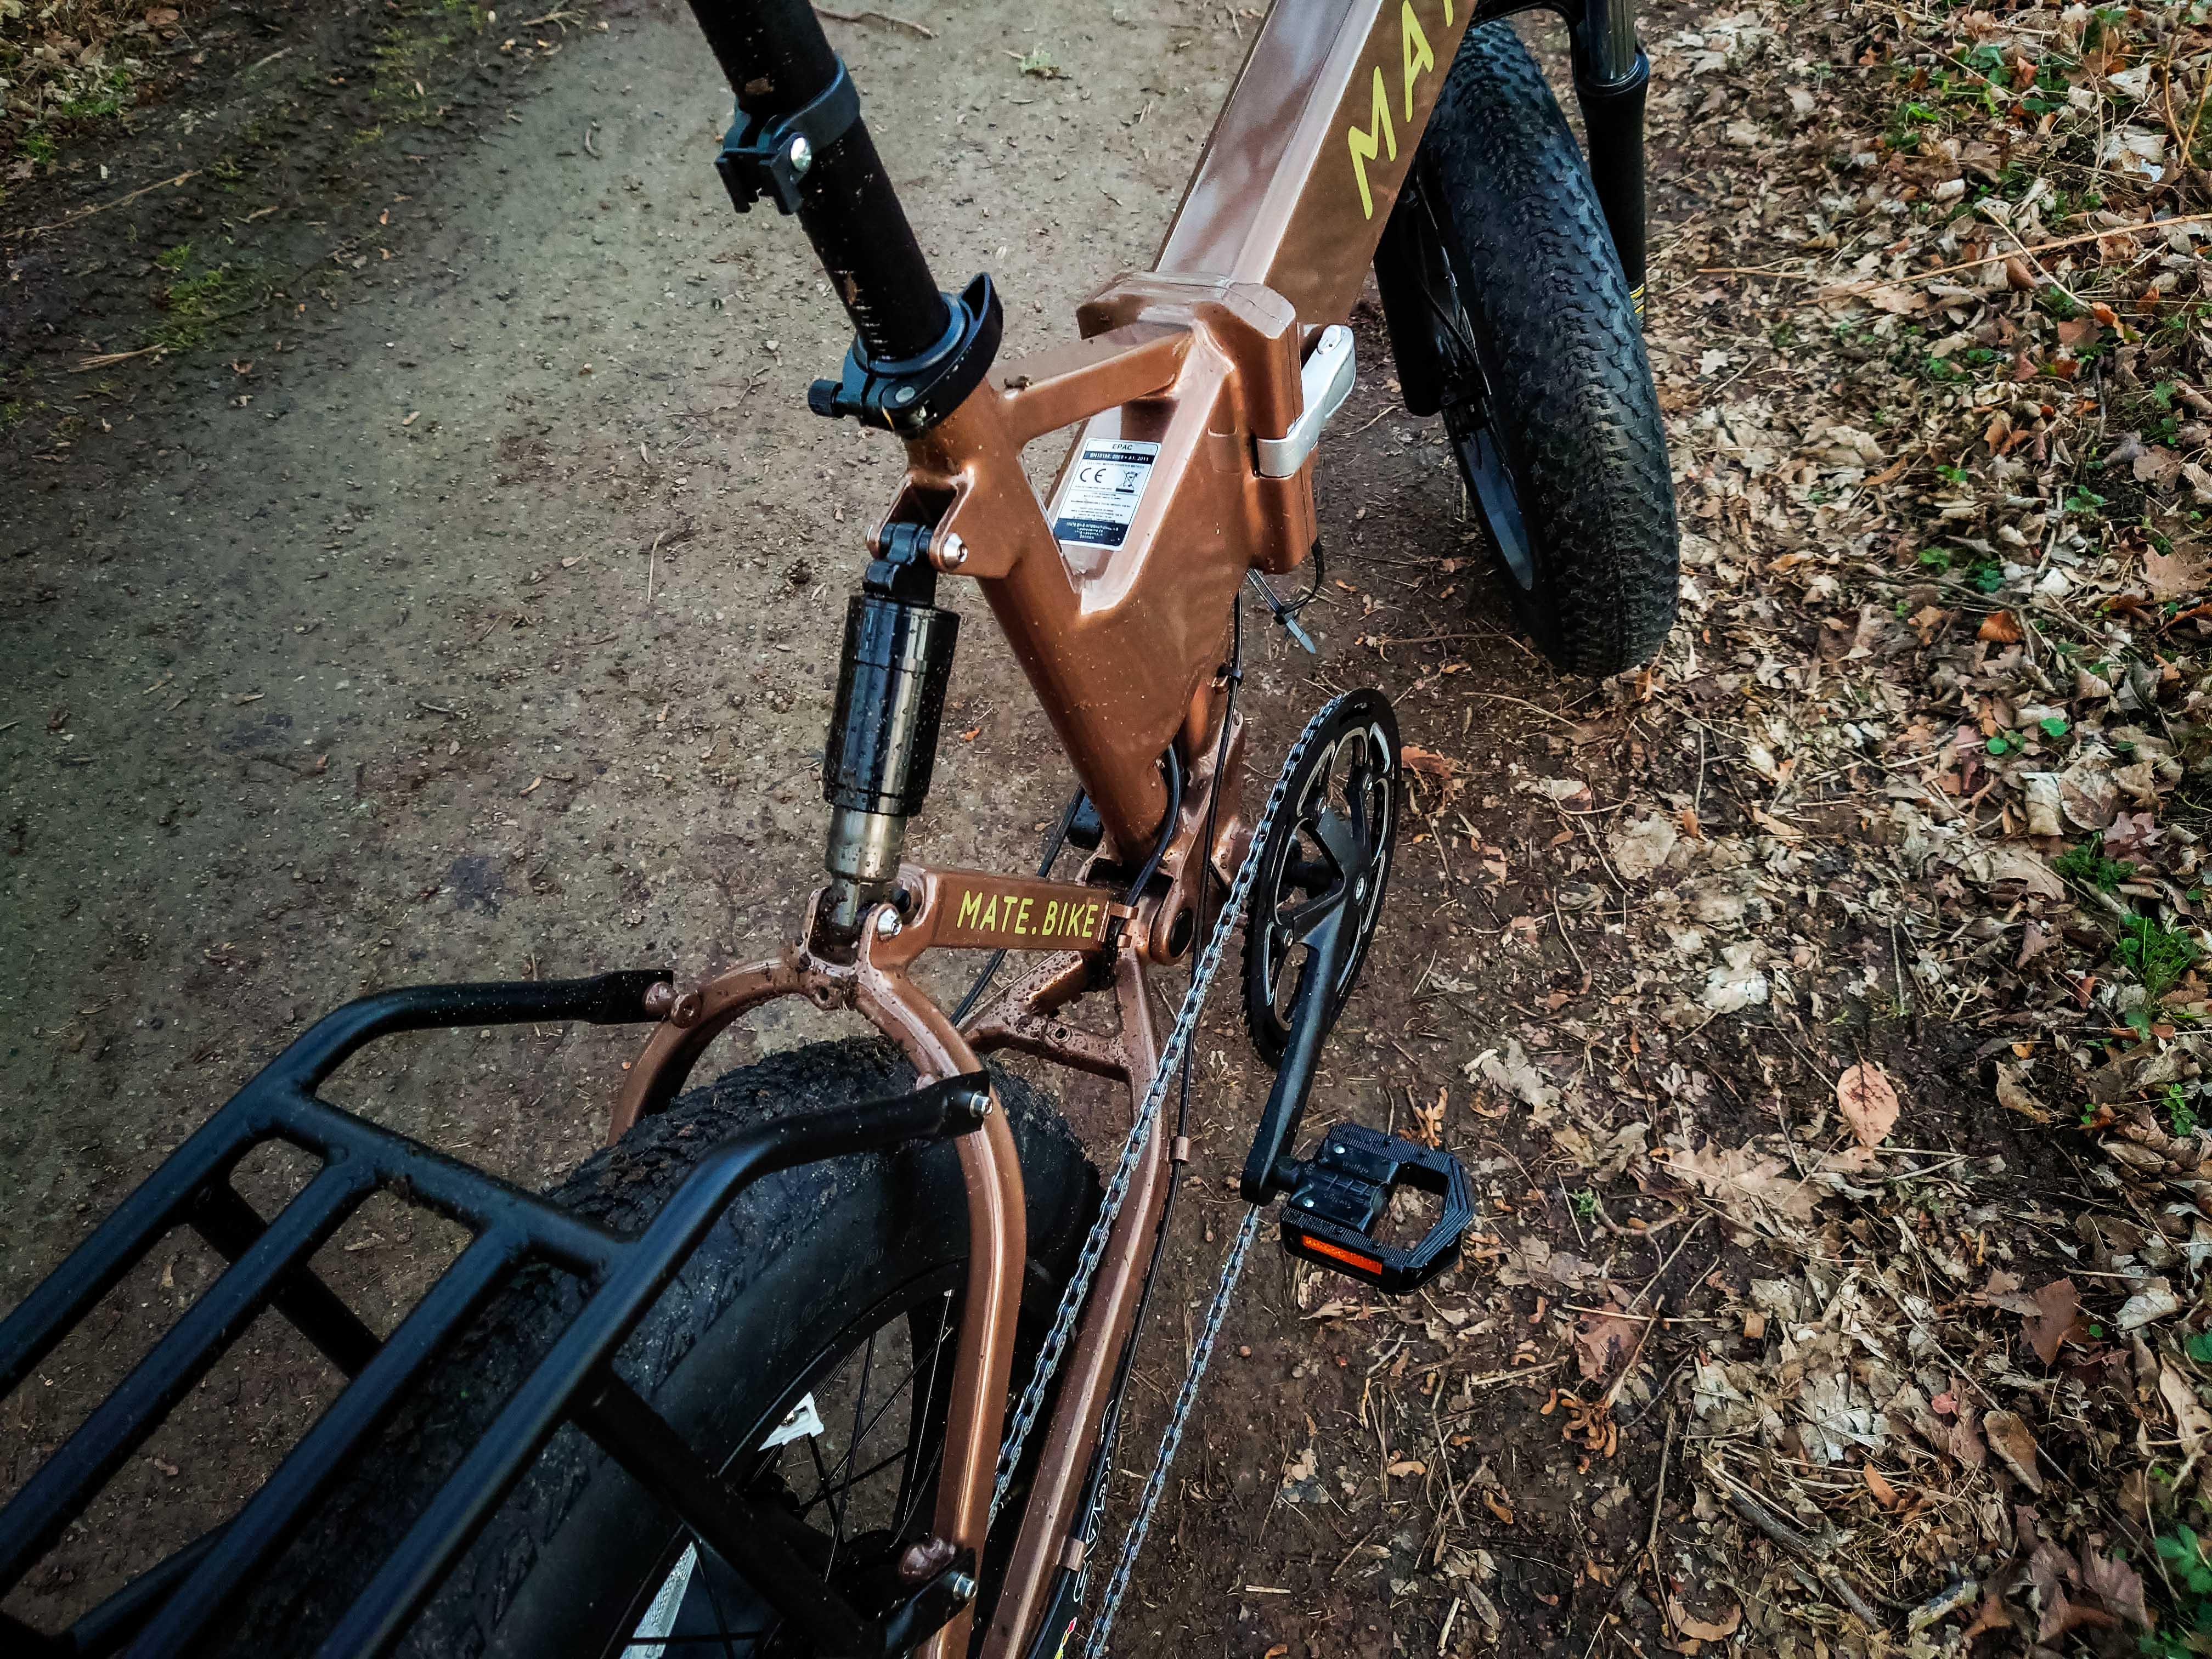 Der Akku des Mate.Bike ist top, die Schaltung eher flop.